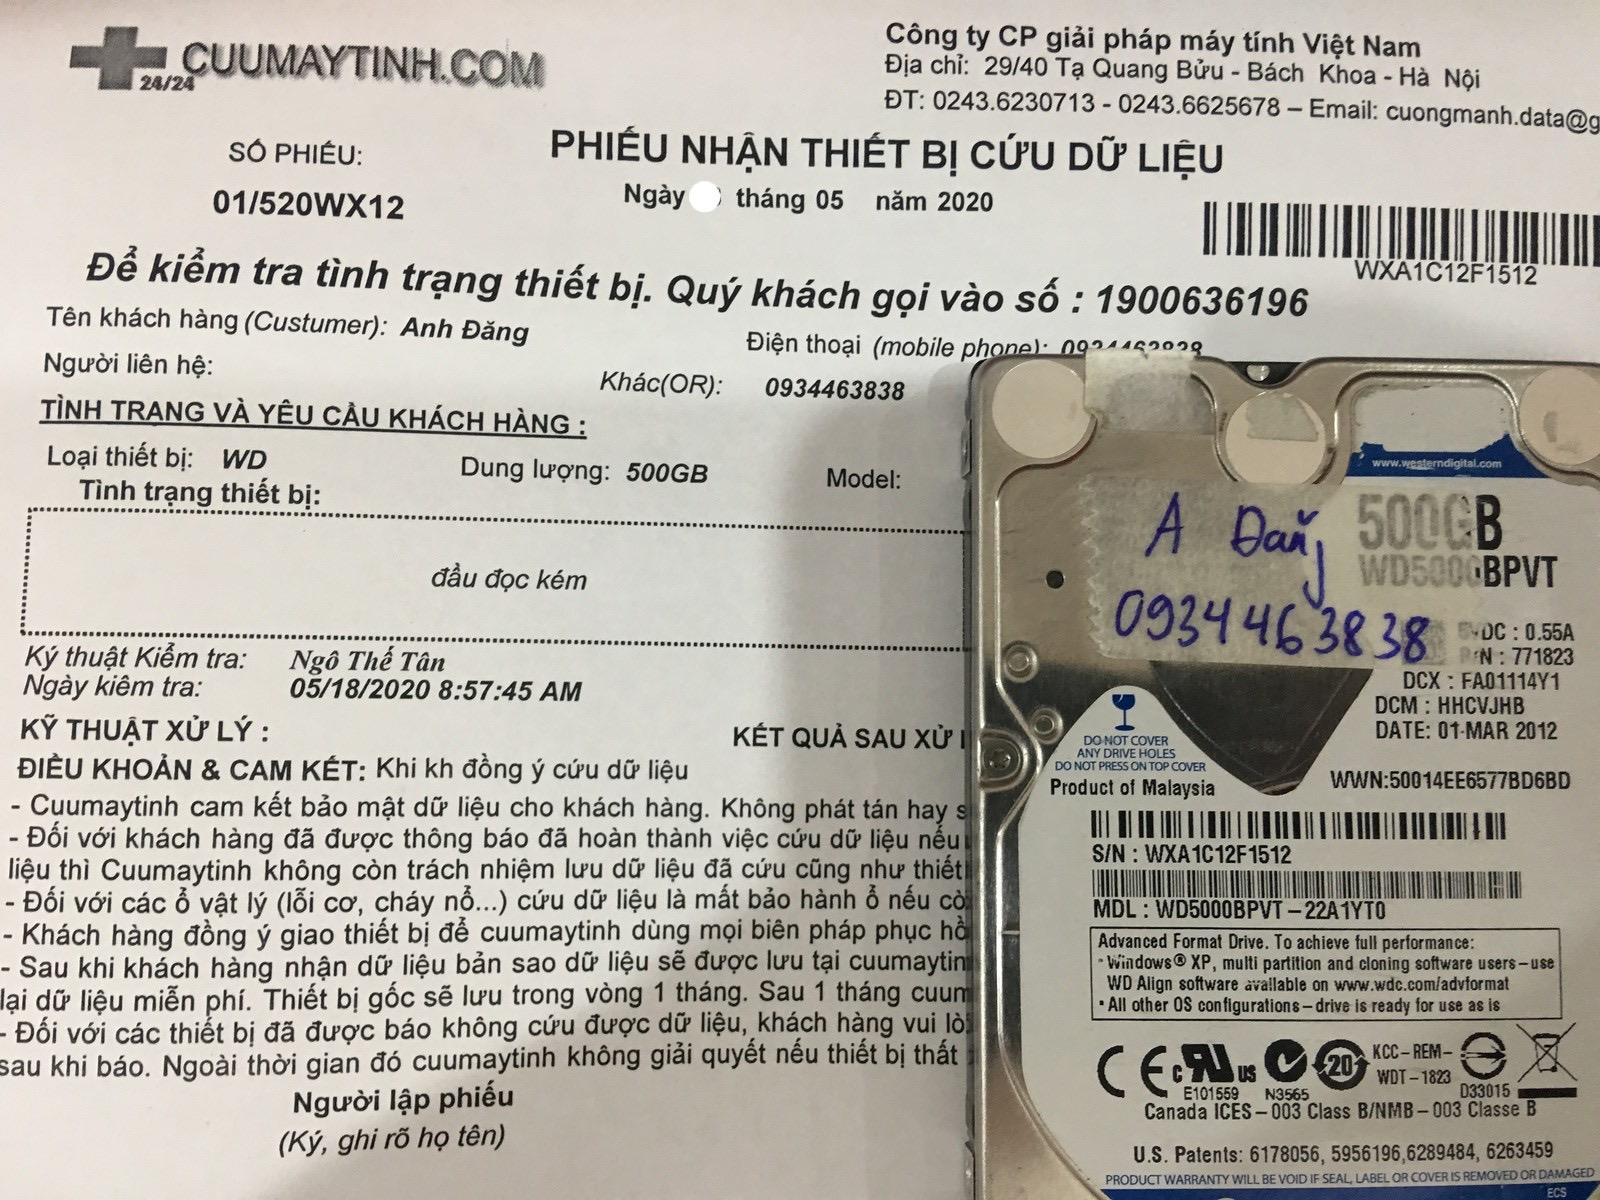 Khôi phục dữ liệu ổ cứng Western 500GB đầu đọc kém 23/05/2020 - cuumaytinh